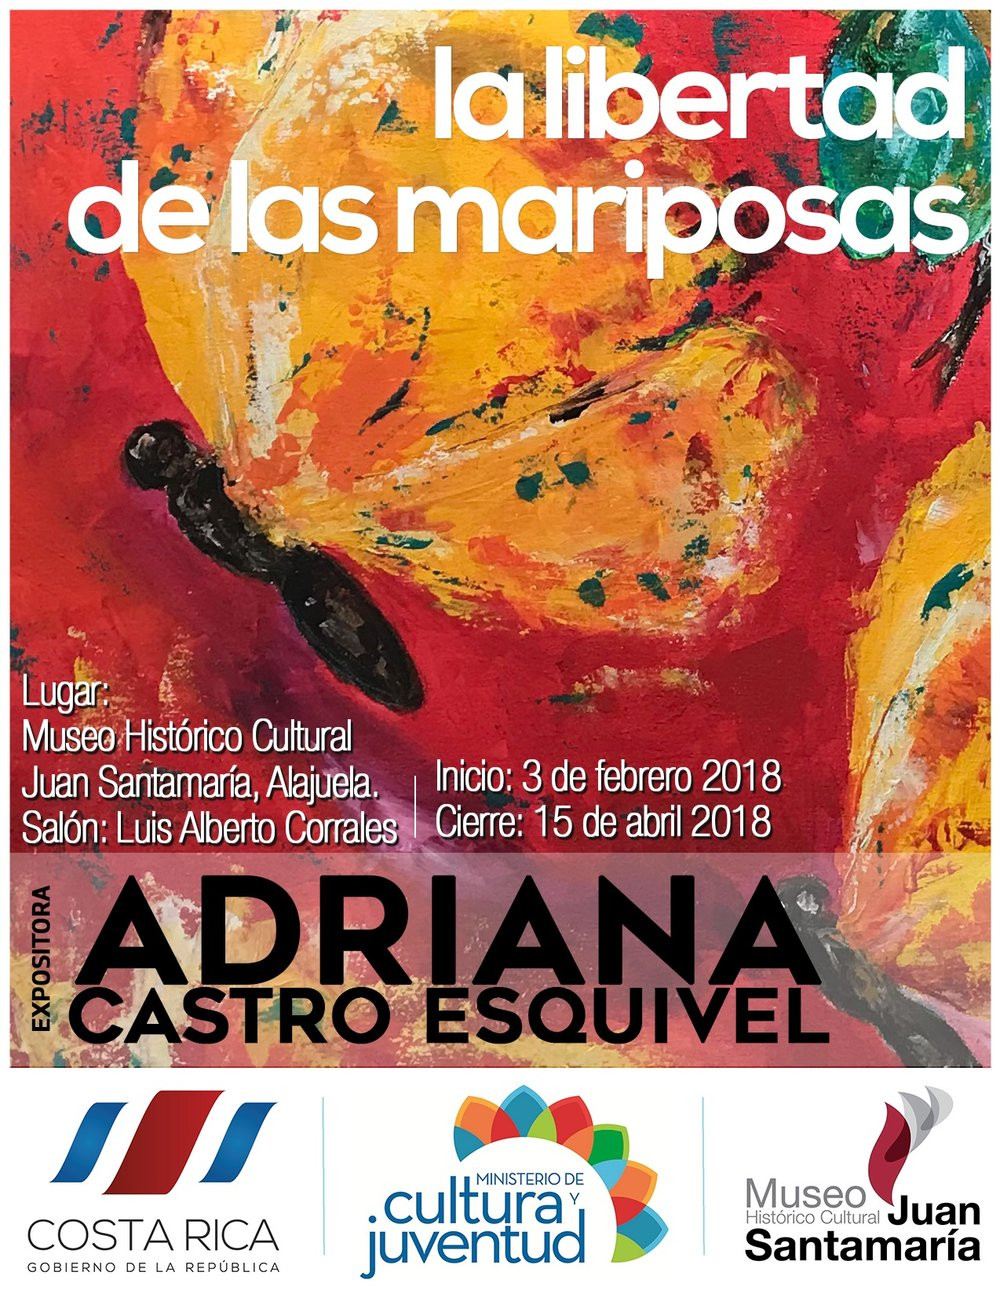 expo-arianna.jpg